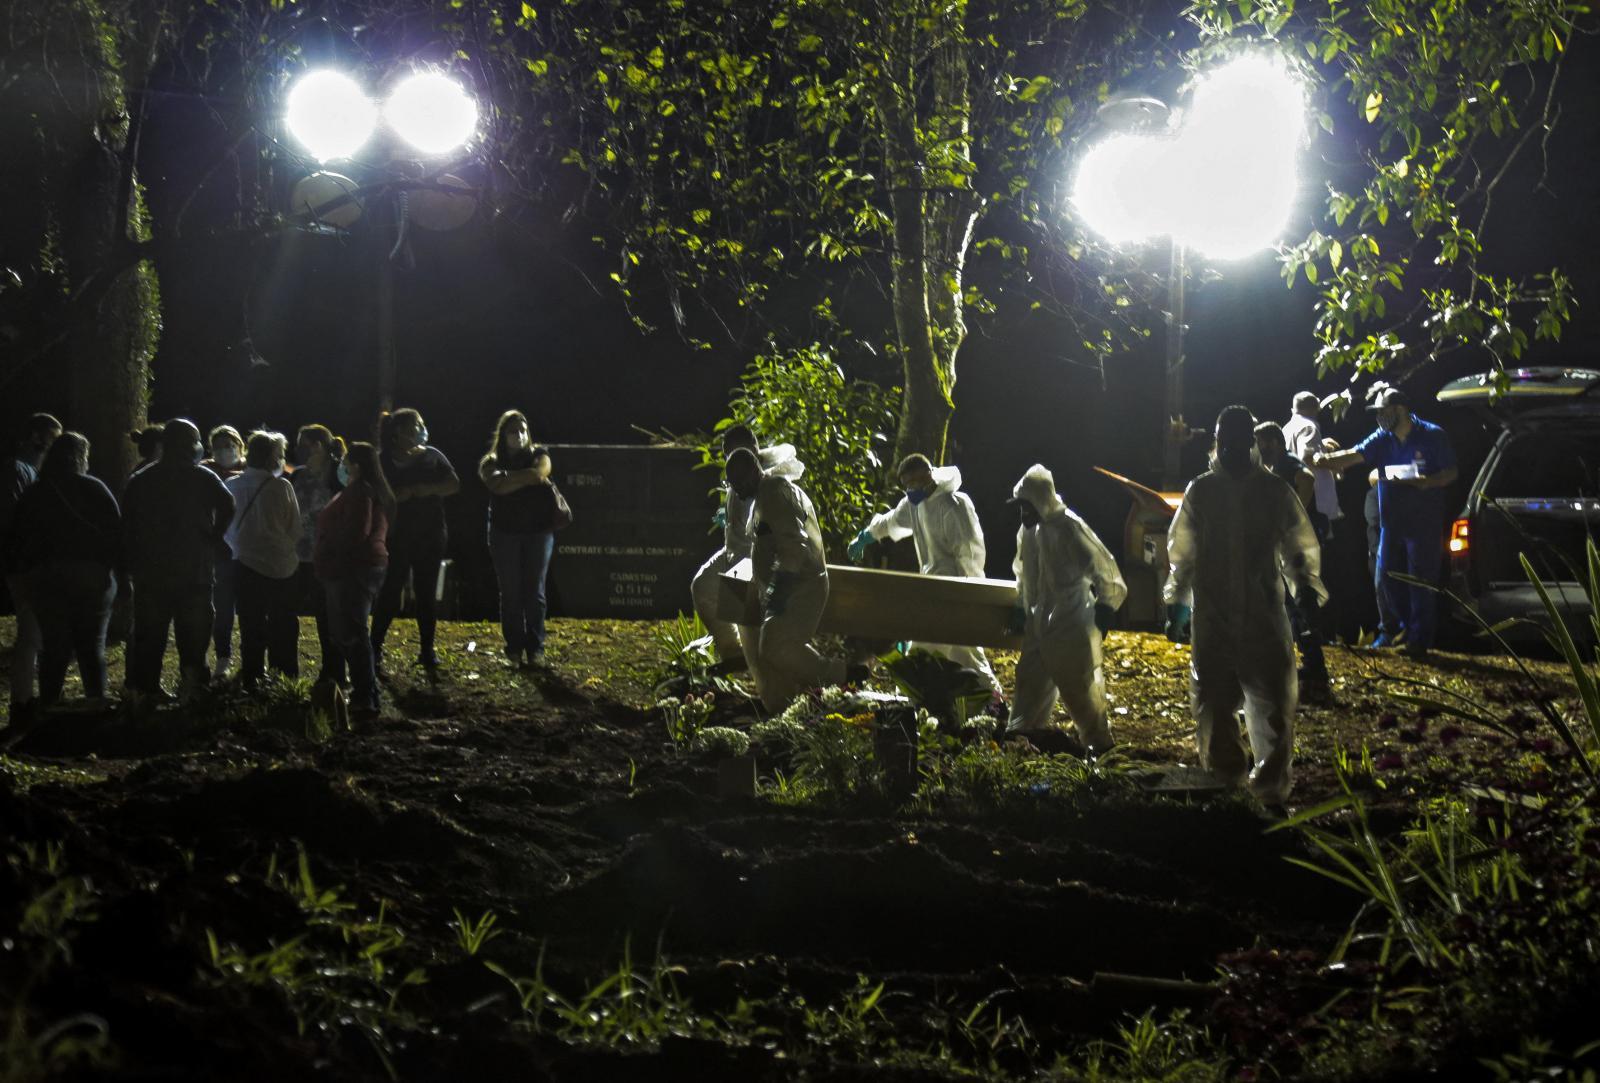 เมืองเซาเปาโลเร่งย้ายศพในสุสาน เพิ่มที่ว่างสำหรับเหยื่อโควิด-19